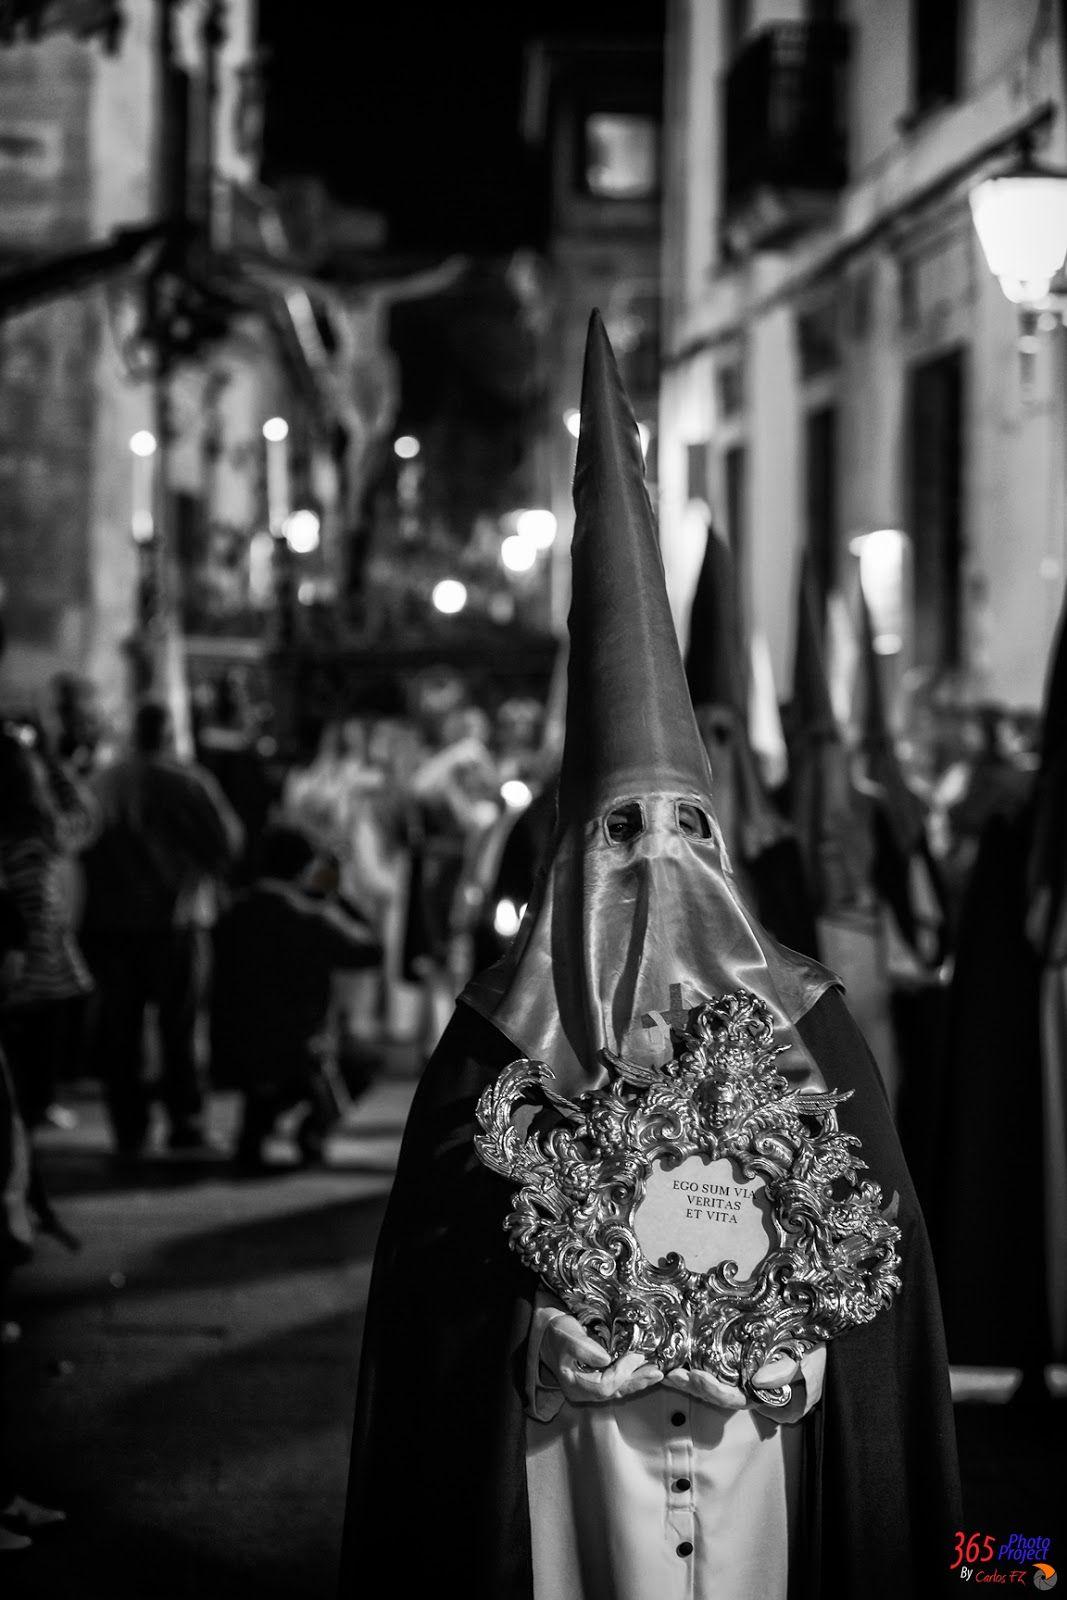 365 Photo Project: 285/365 Ego sum Via Veritas et Vita